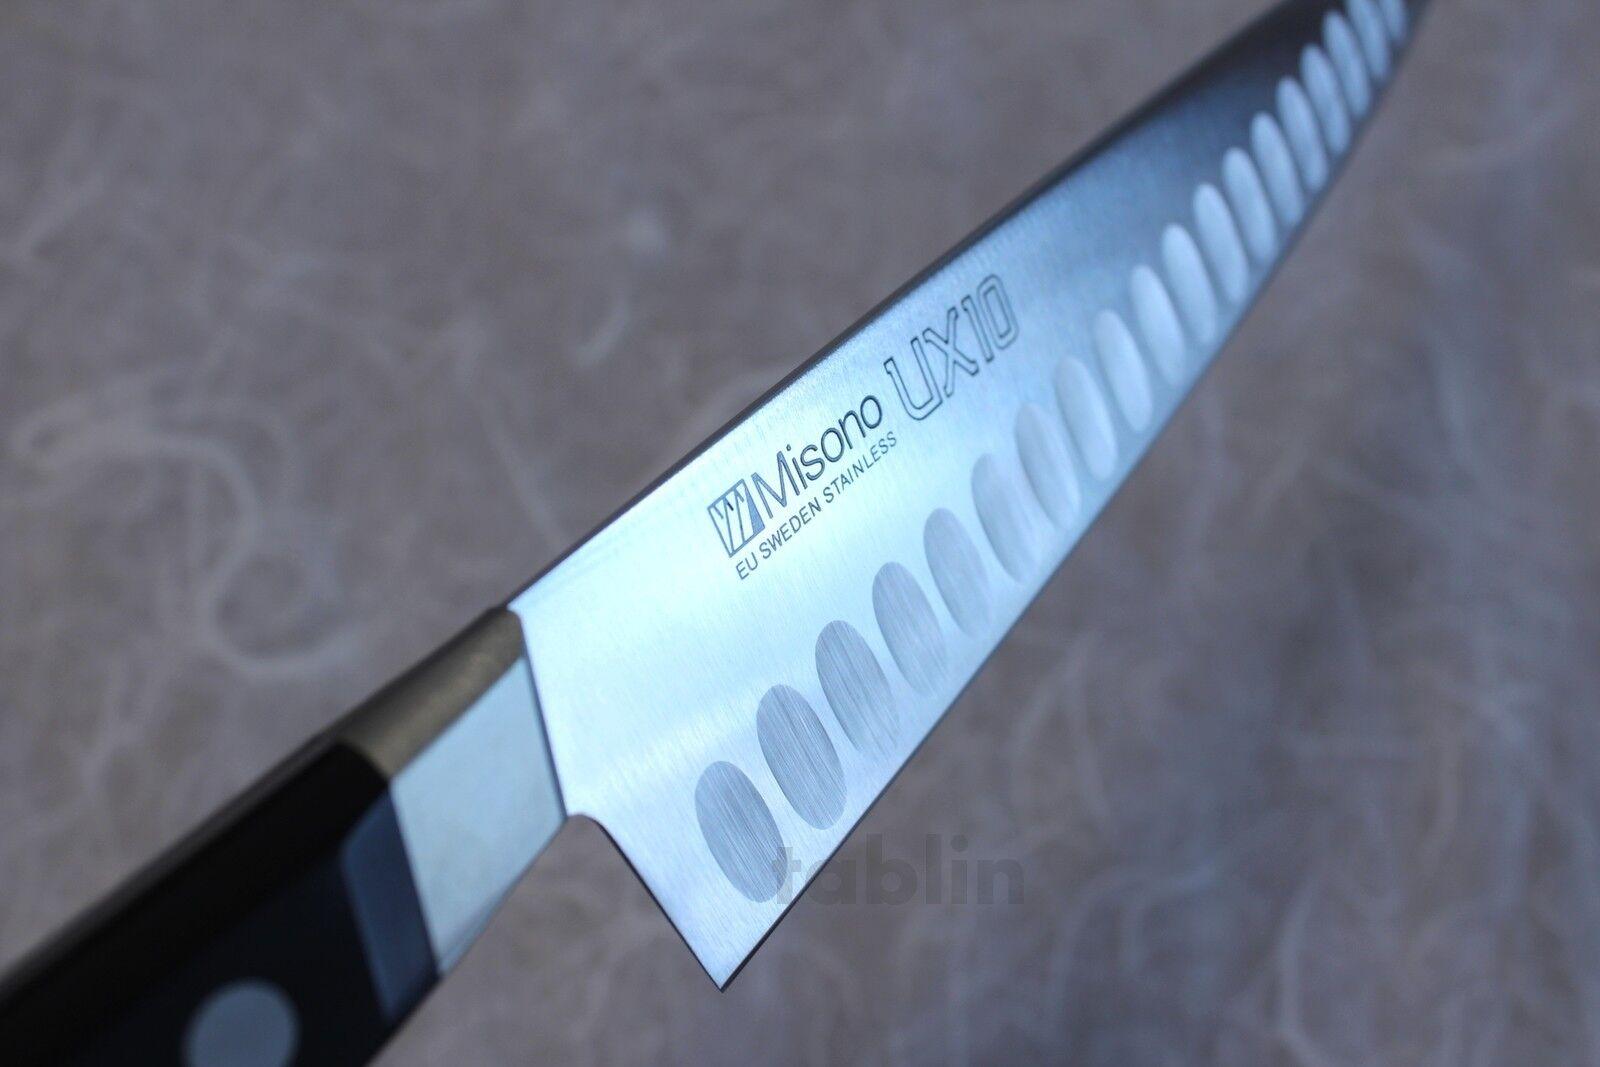 Misono UX10 Suède inox cuisine japonaise couteau saumon Dimple Gyuto chef